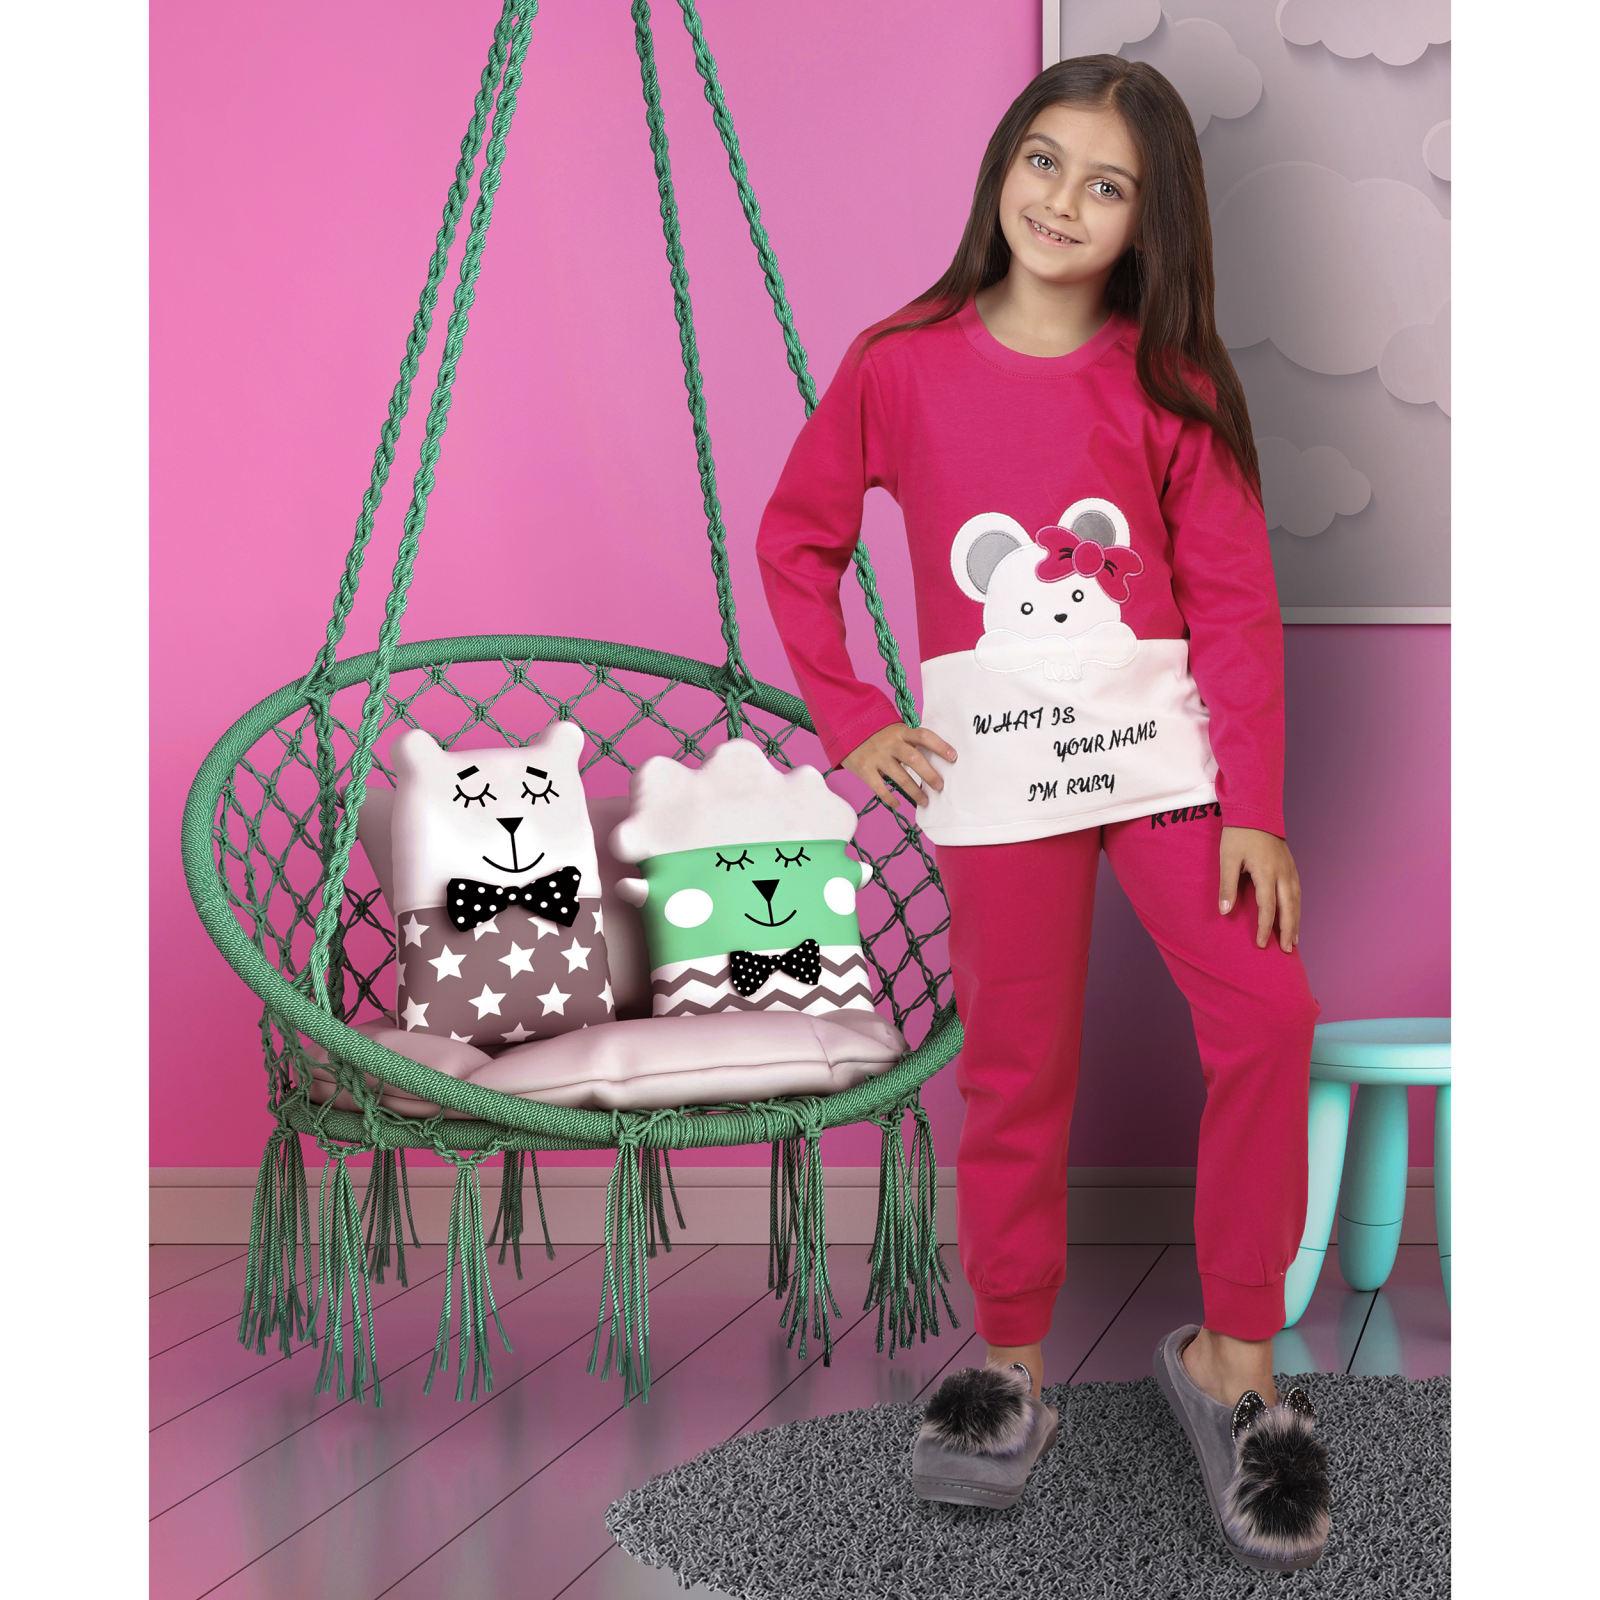 ست تی شرت و شلوار دخترانه مادر مدل 301-66 main 1 8